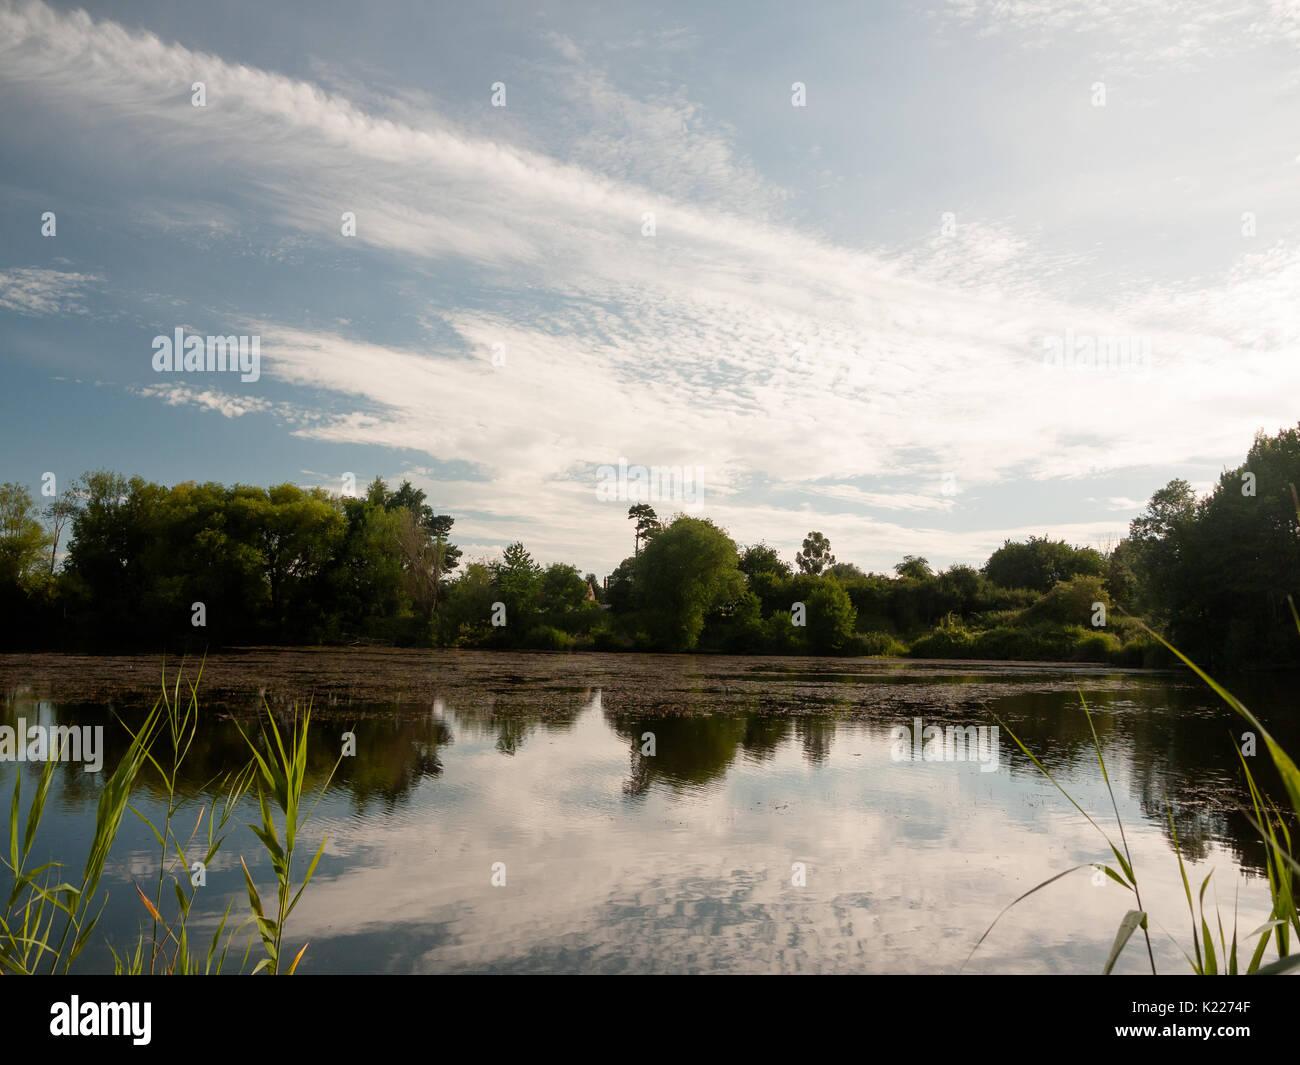 Schönen sommer see Szene außerhalb Bäume, Wolken im Wasser widerspiegelt; England; UK Stockbild